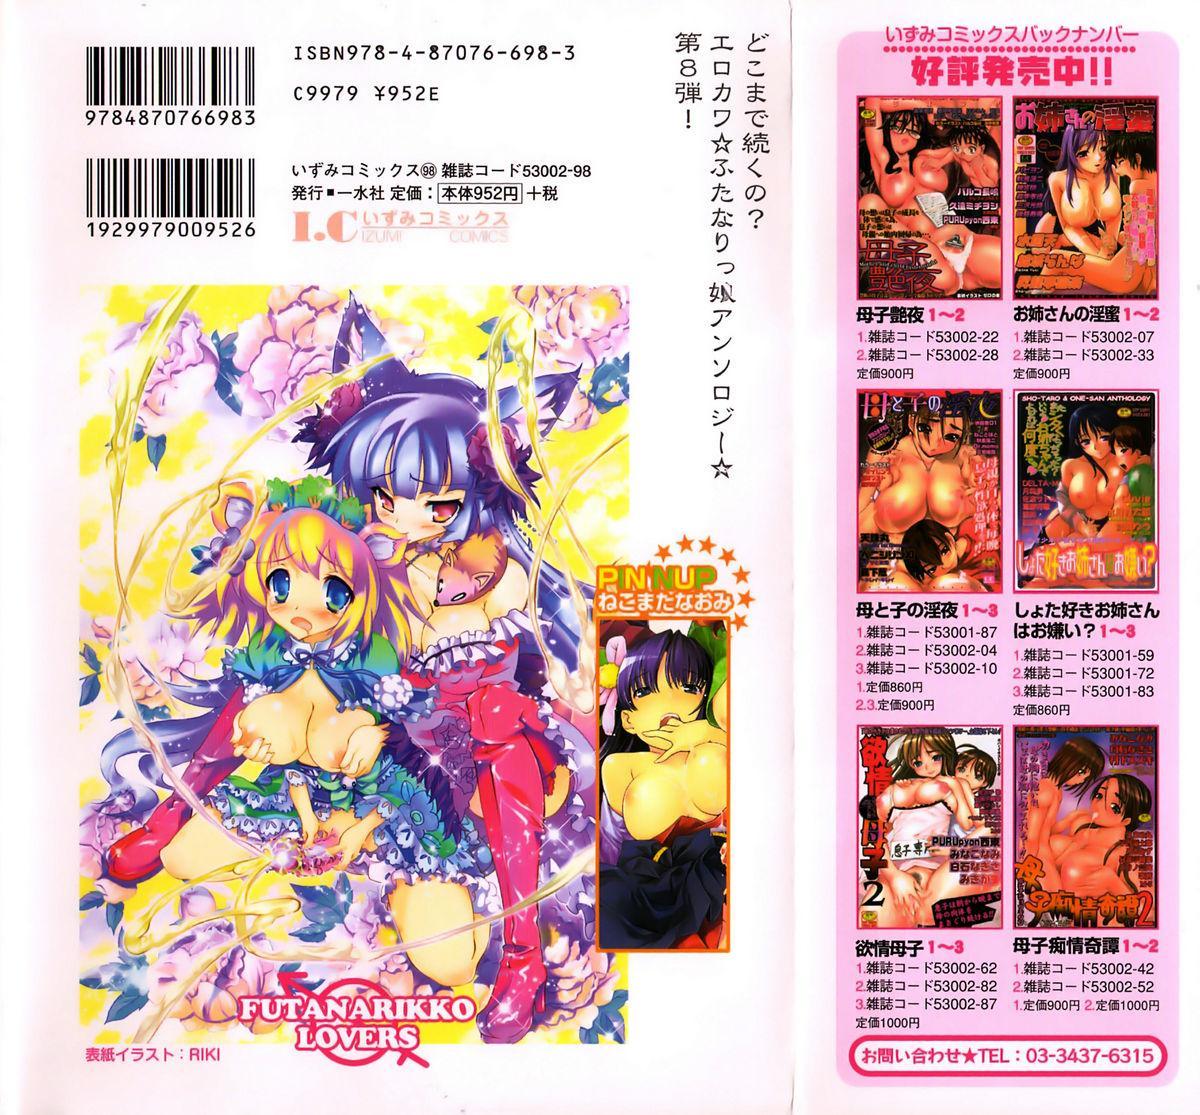 Futanarikko Lovers 8 1